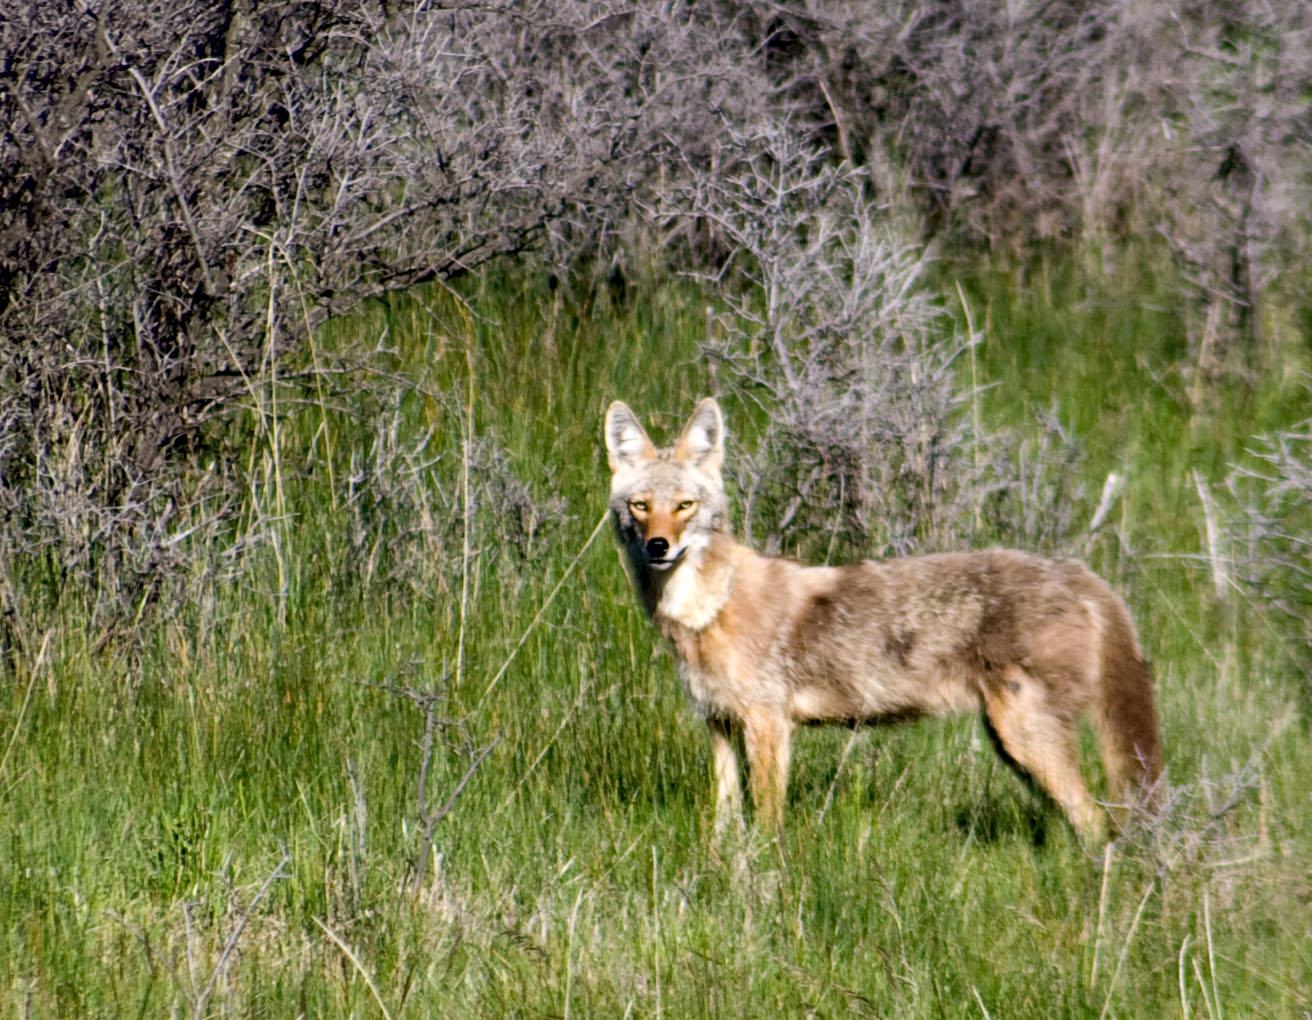 Fox coyote mix